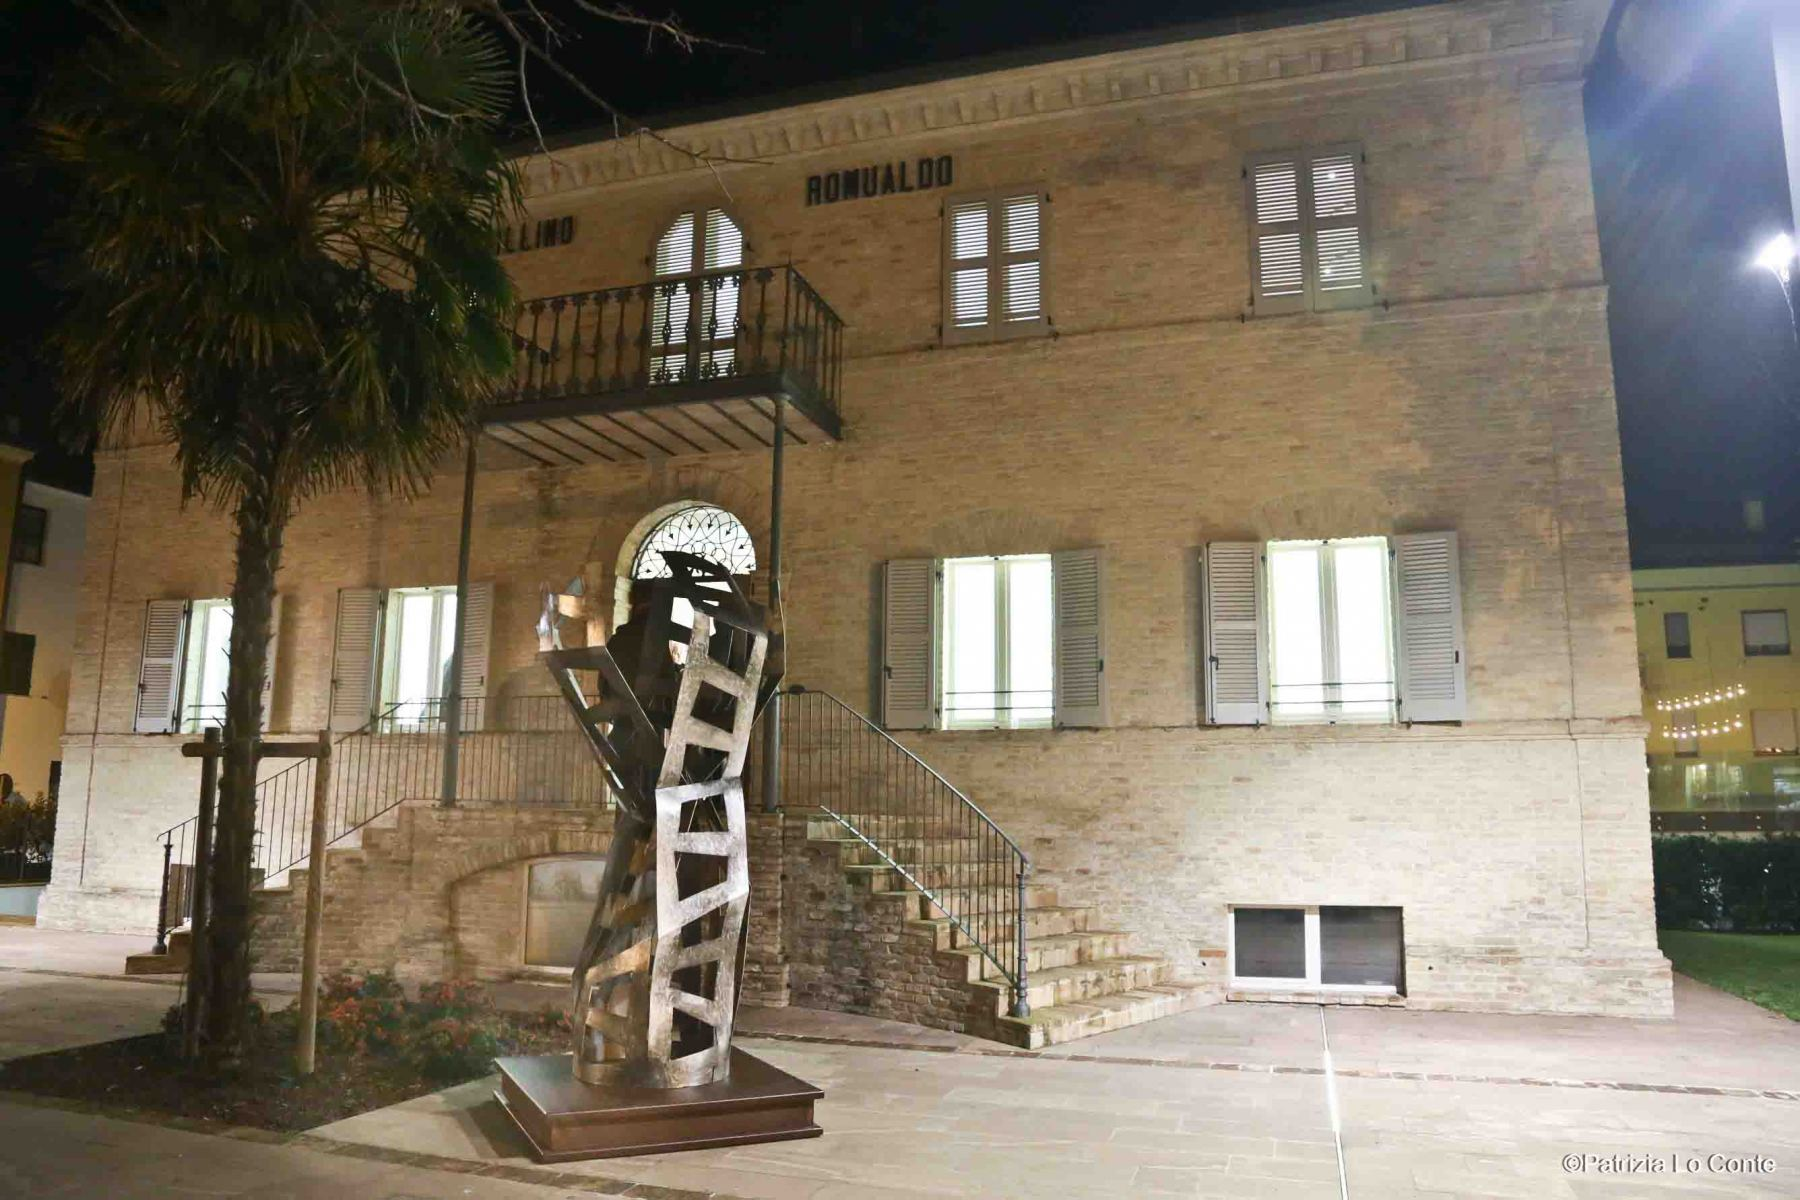 Patrizia-Lo-Conte-Museo-Nori-De-Nobili-Villino-Romualdo-Trecastelli